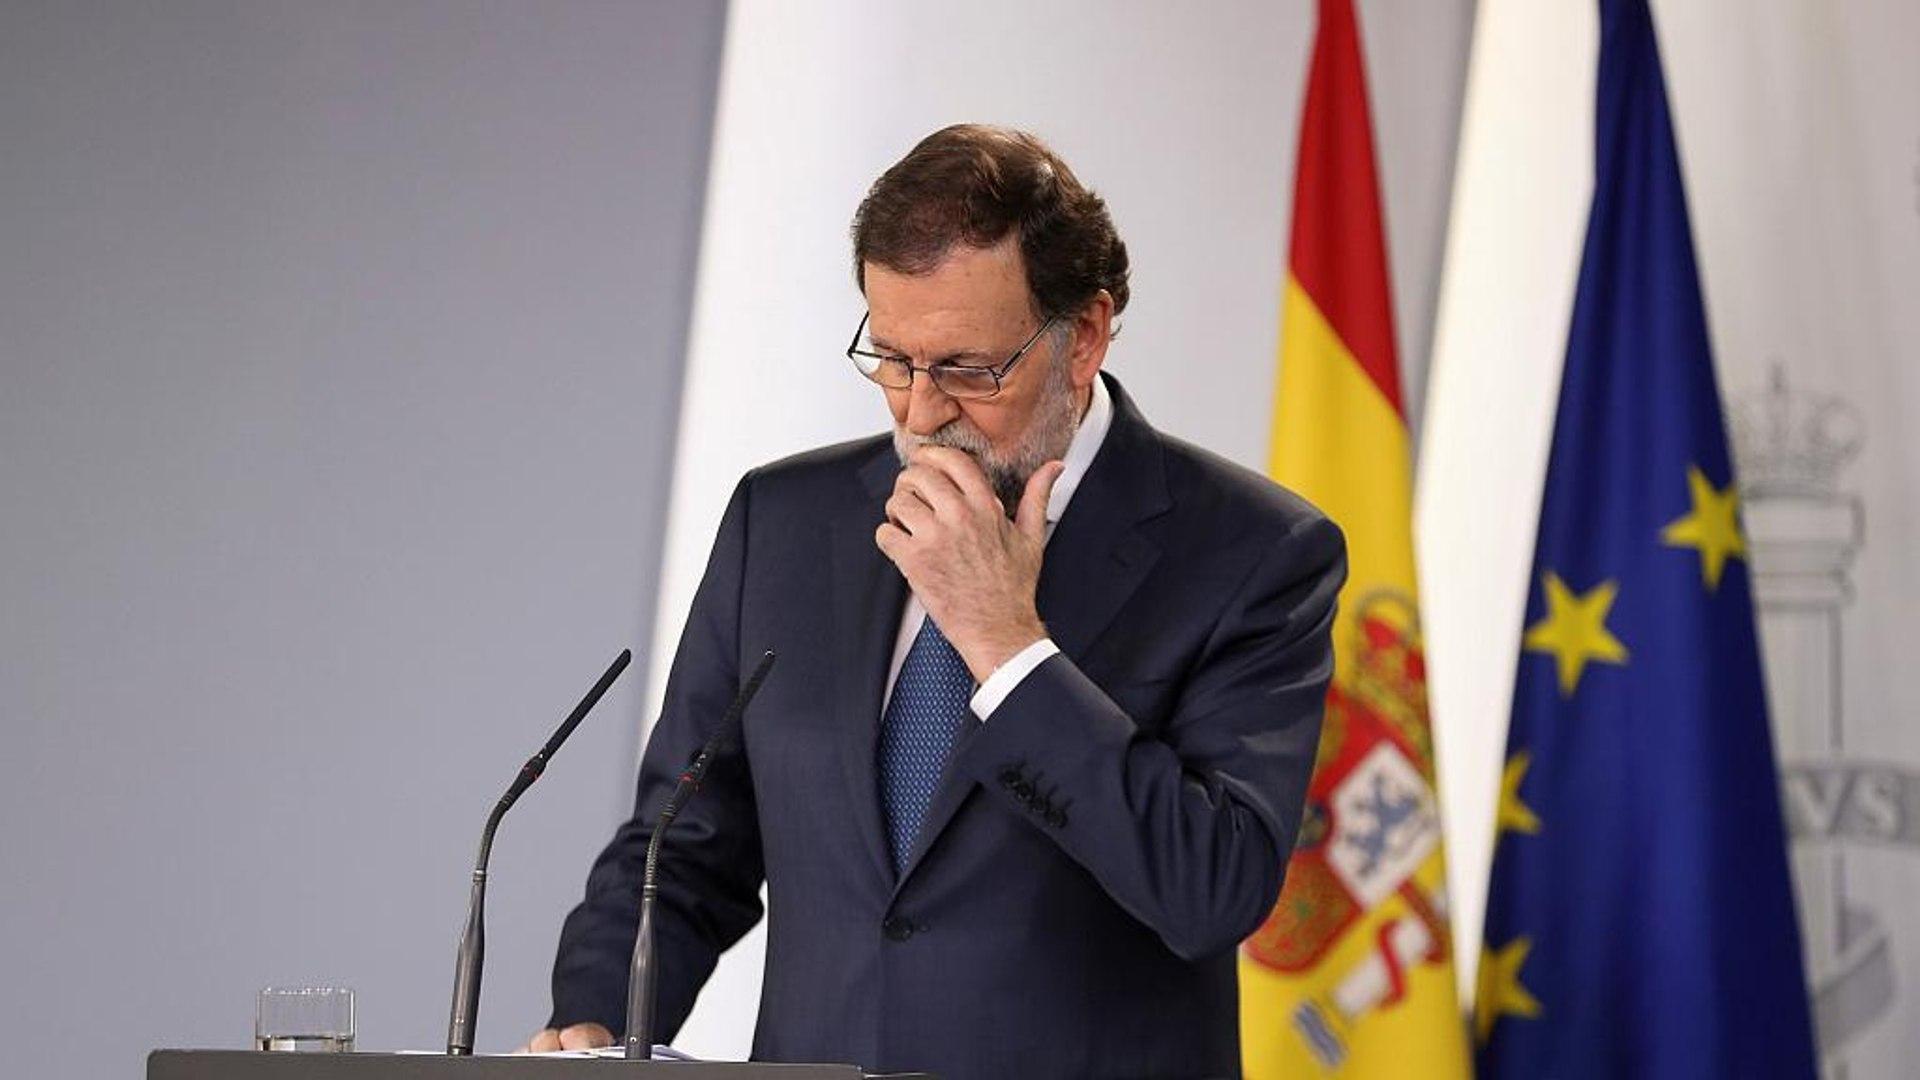 КС Испании приостановил закон о референдуме о независимости Каталонии